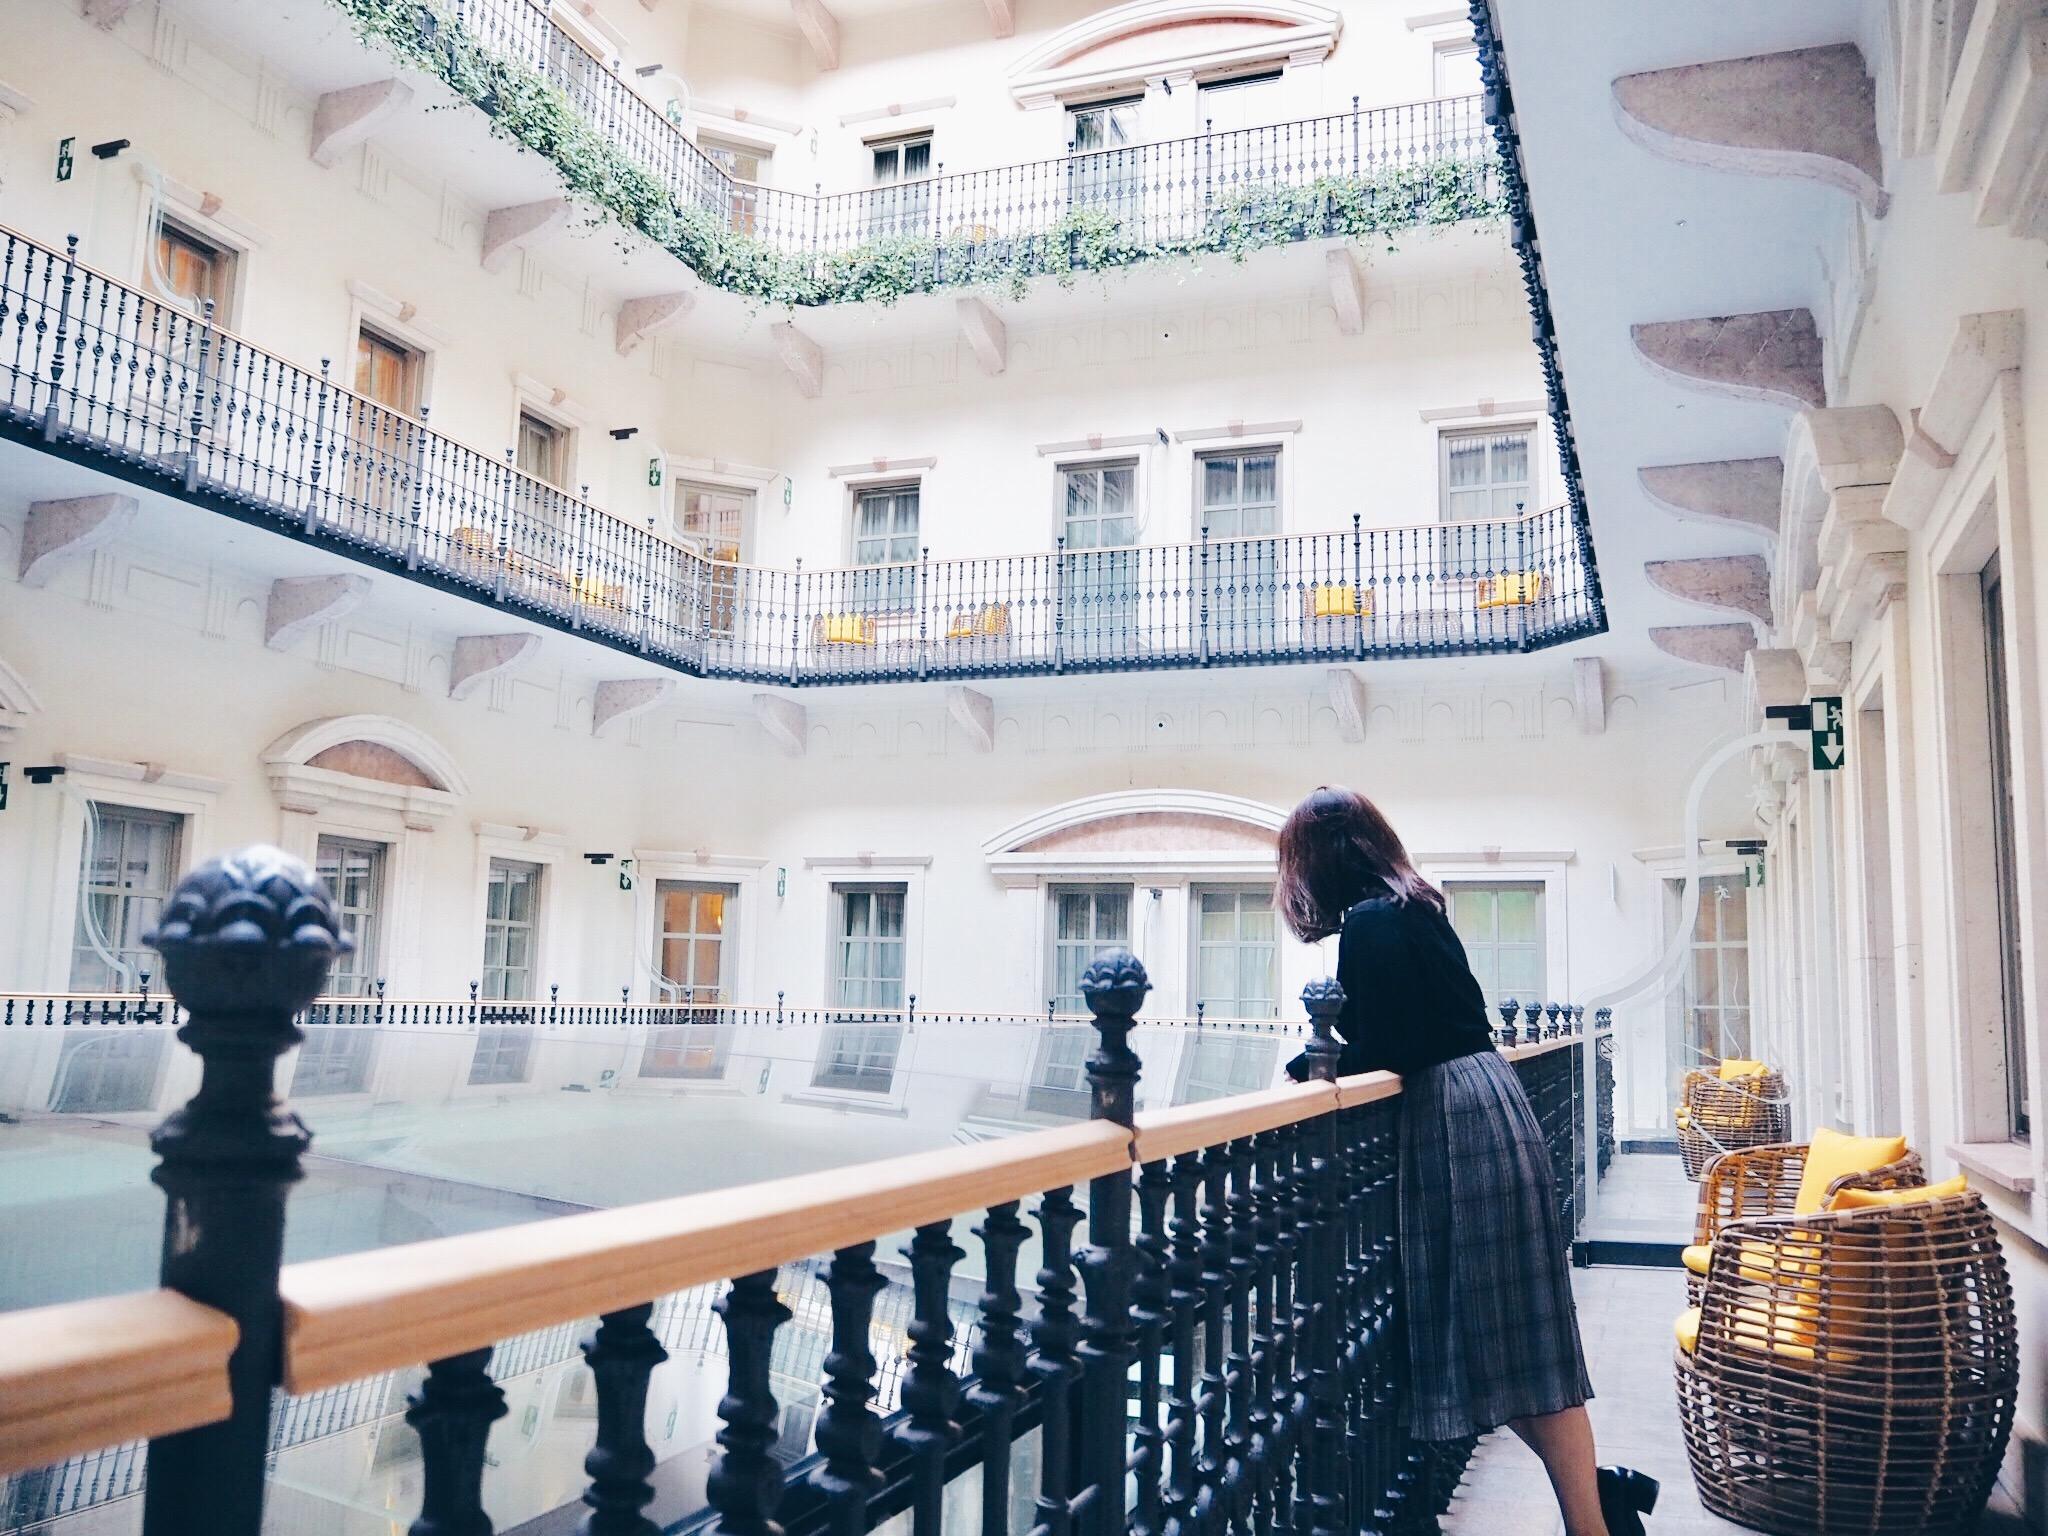 5d52f7ba 85db 423c b81a 190944da2908 - Aria Hotel Budapest - 音楽に囲まれて過ごすブダペストのラグジュアリーブティックホテルの魅力